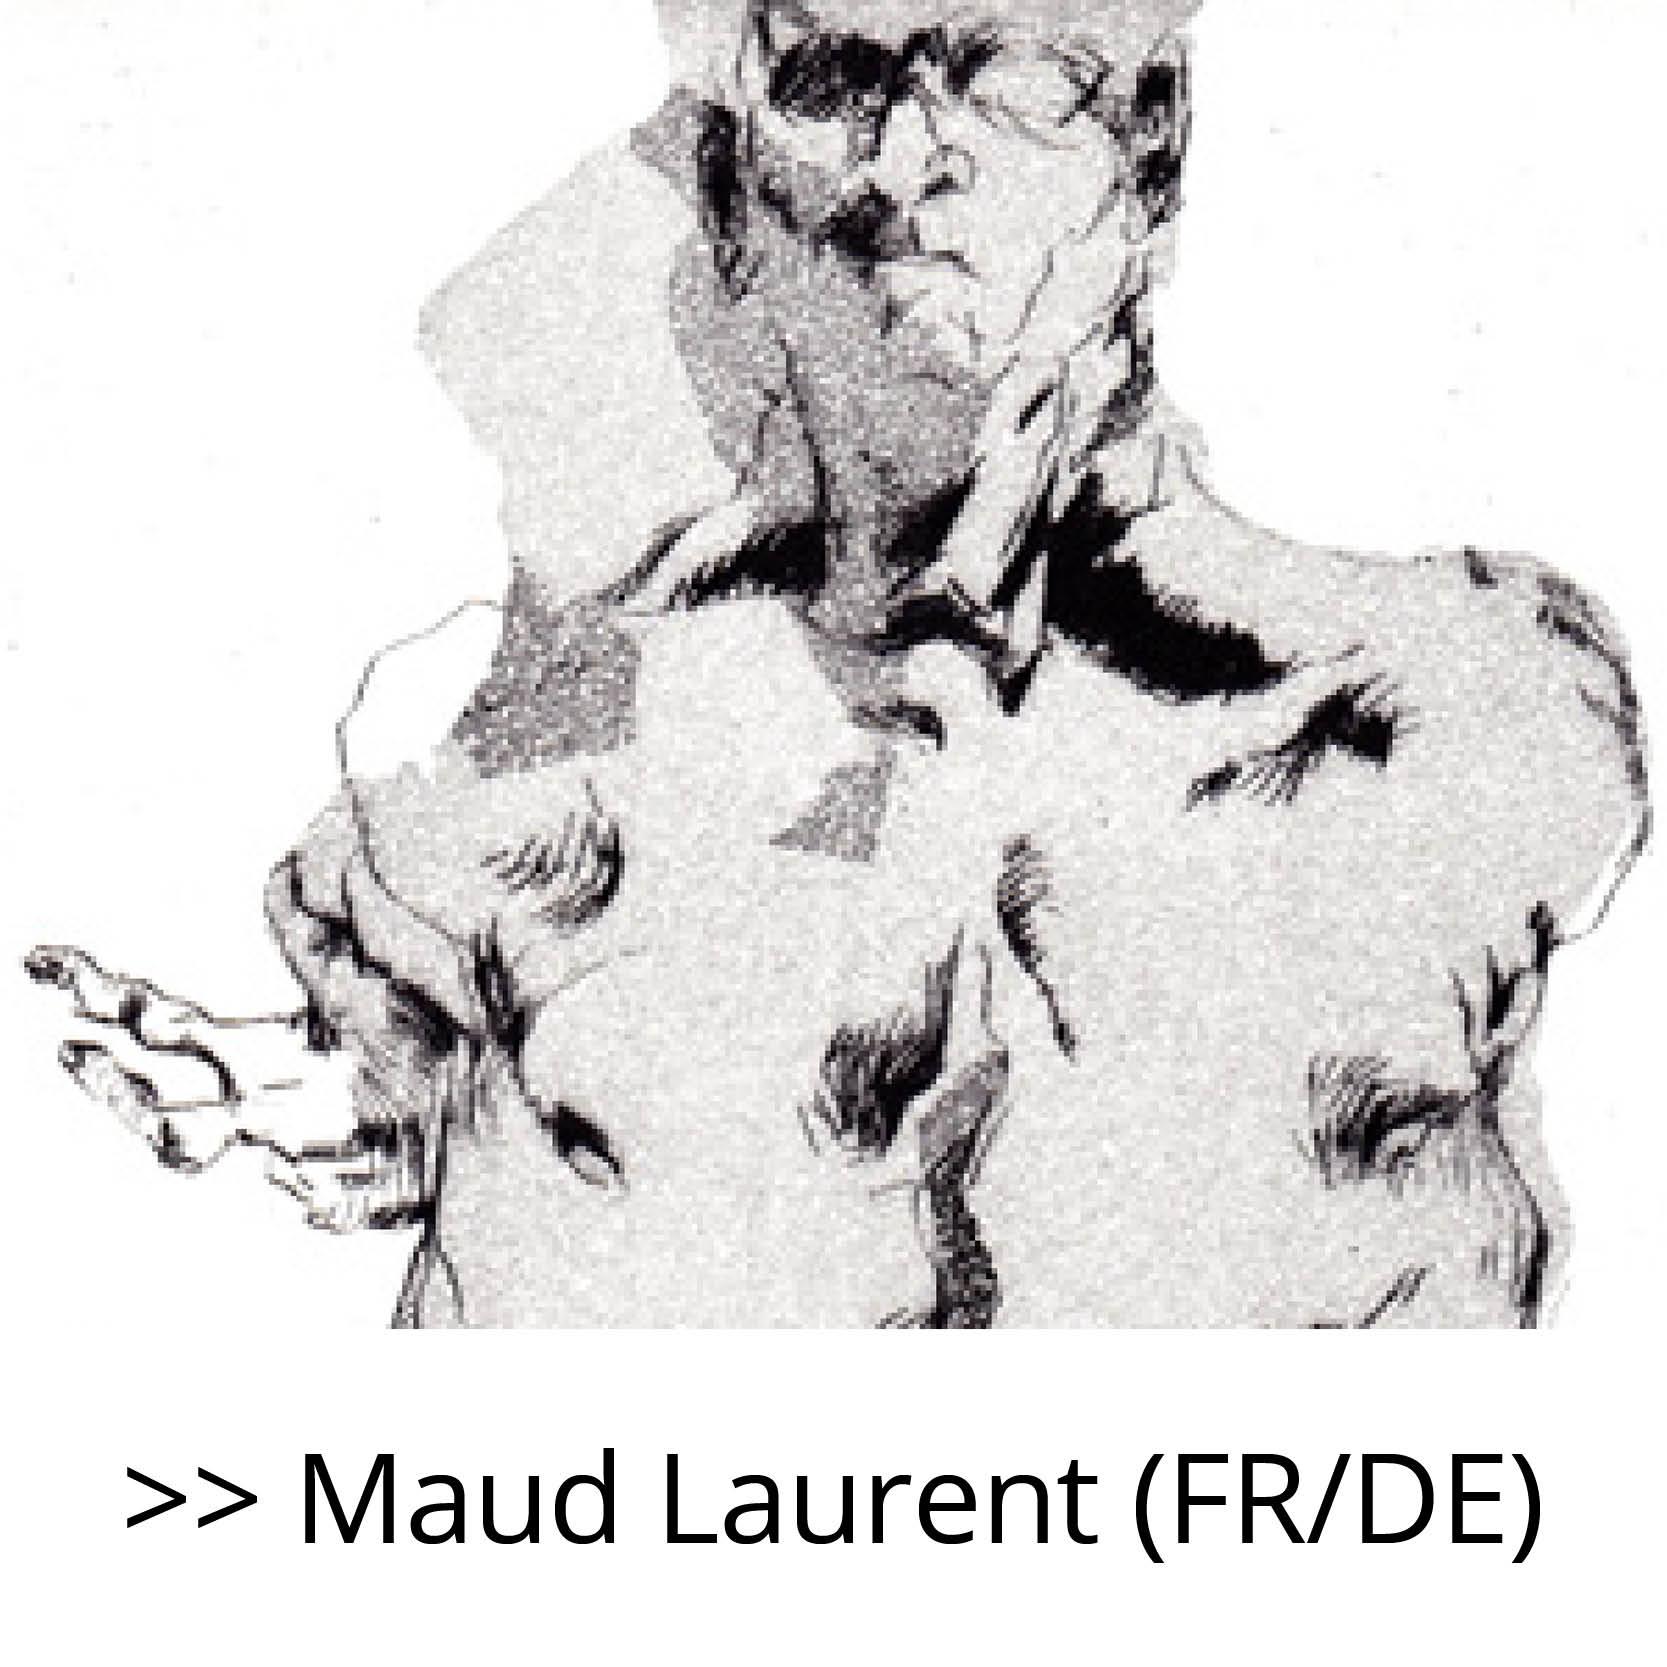 Maud_Laurent_(FR:DE)